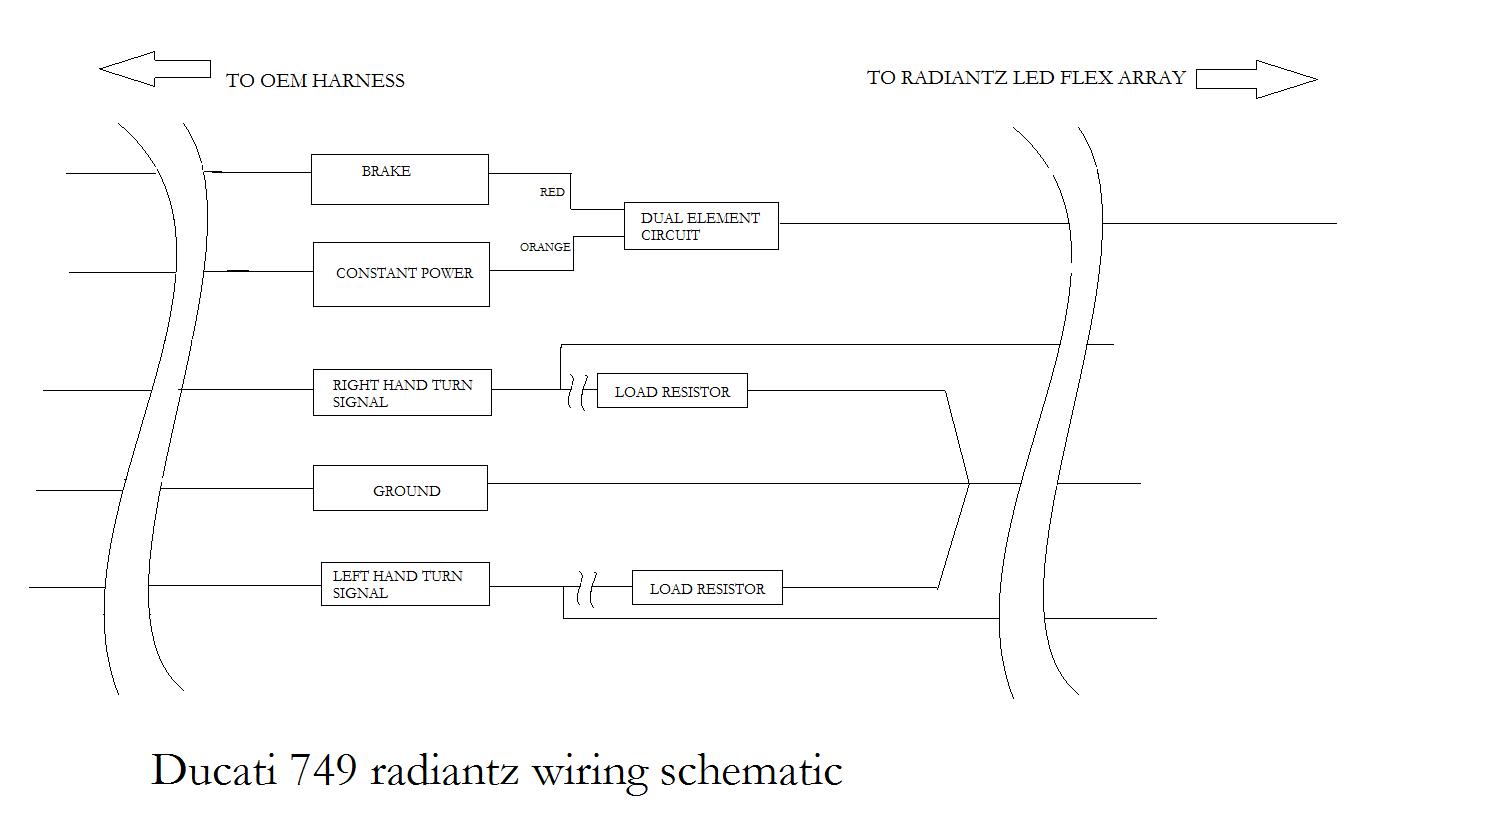 Anyone Use Radiantz Leds  - Page 4 - Ducati Ms